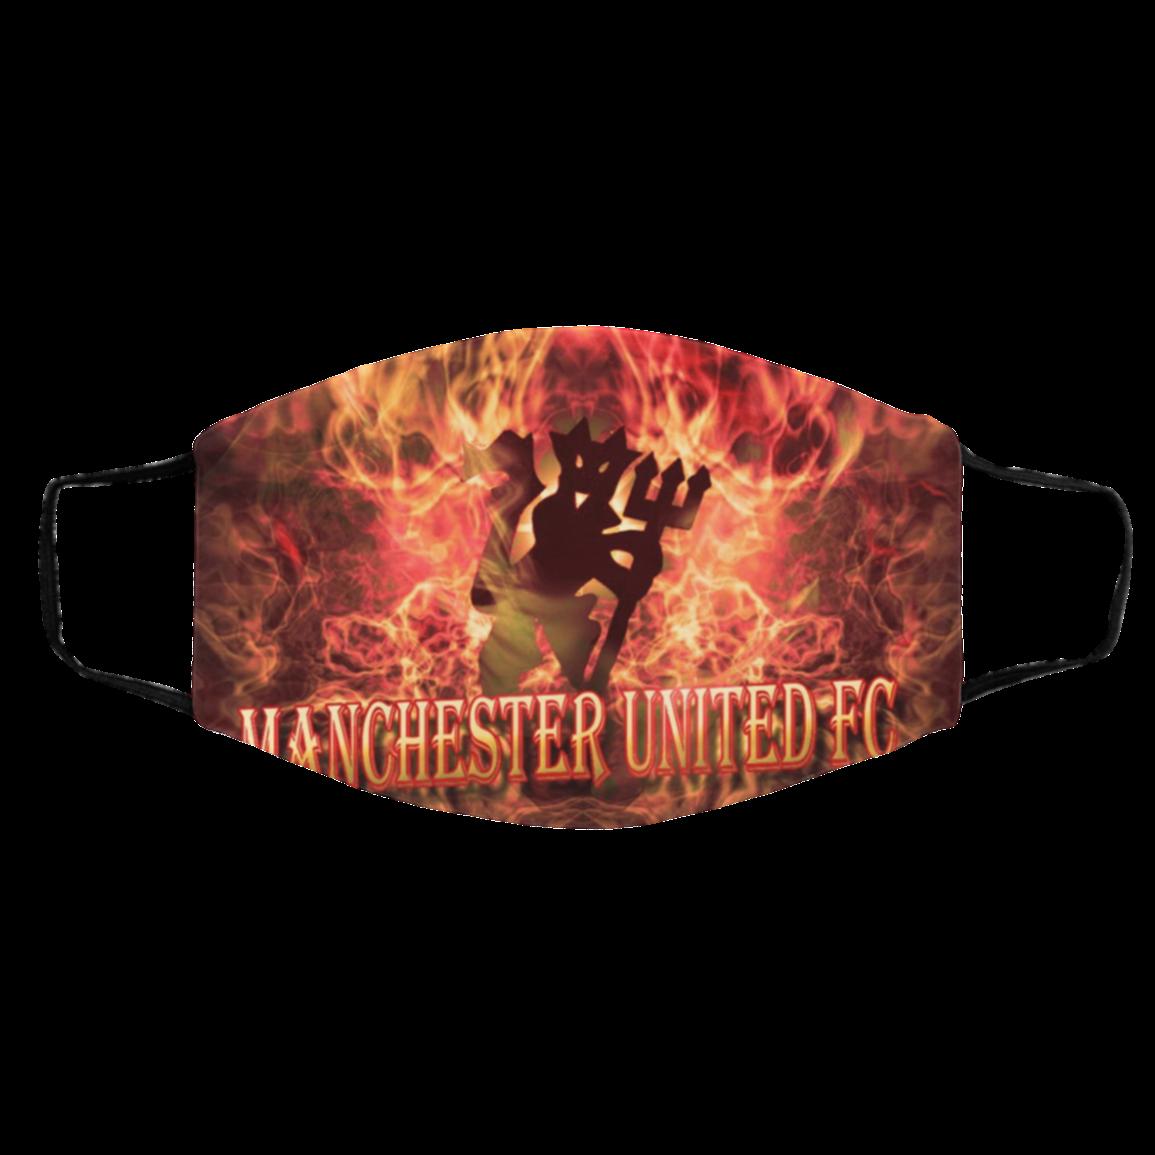 Face Mask En-gland So-ccer Team Manchester United Masks